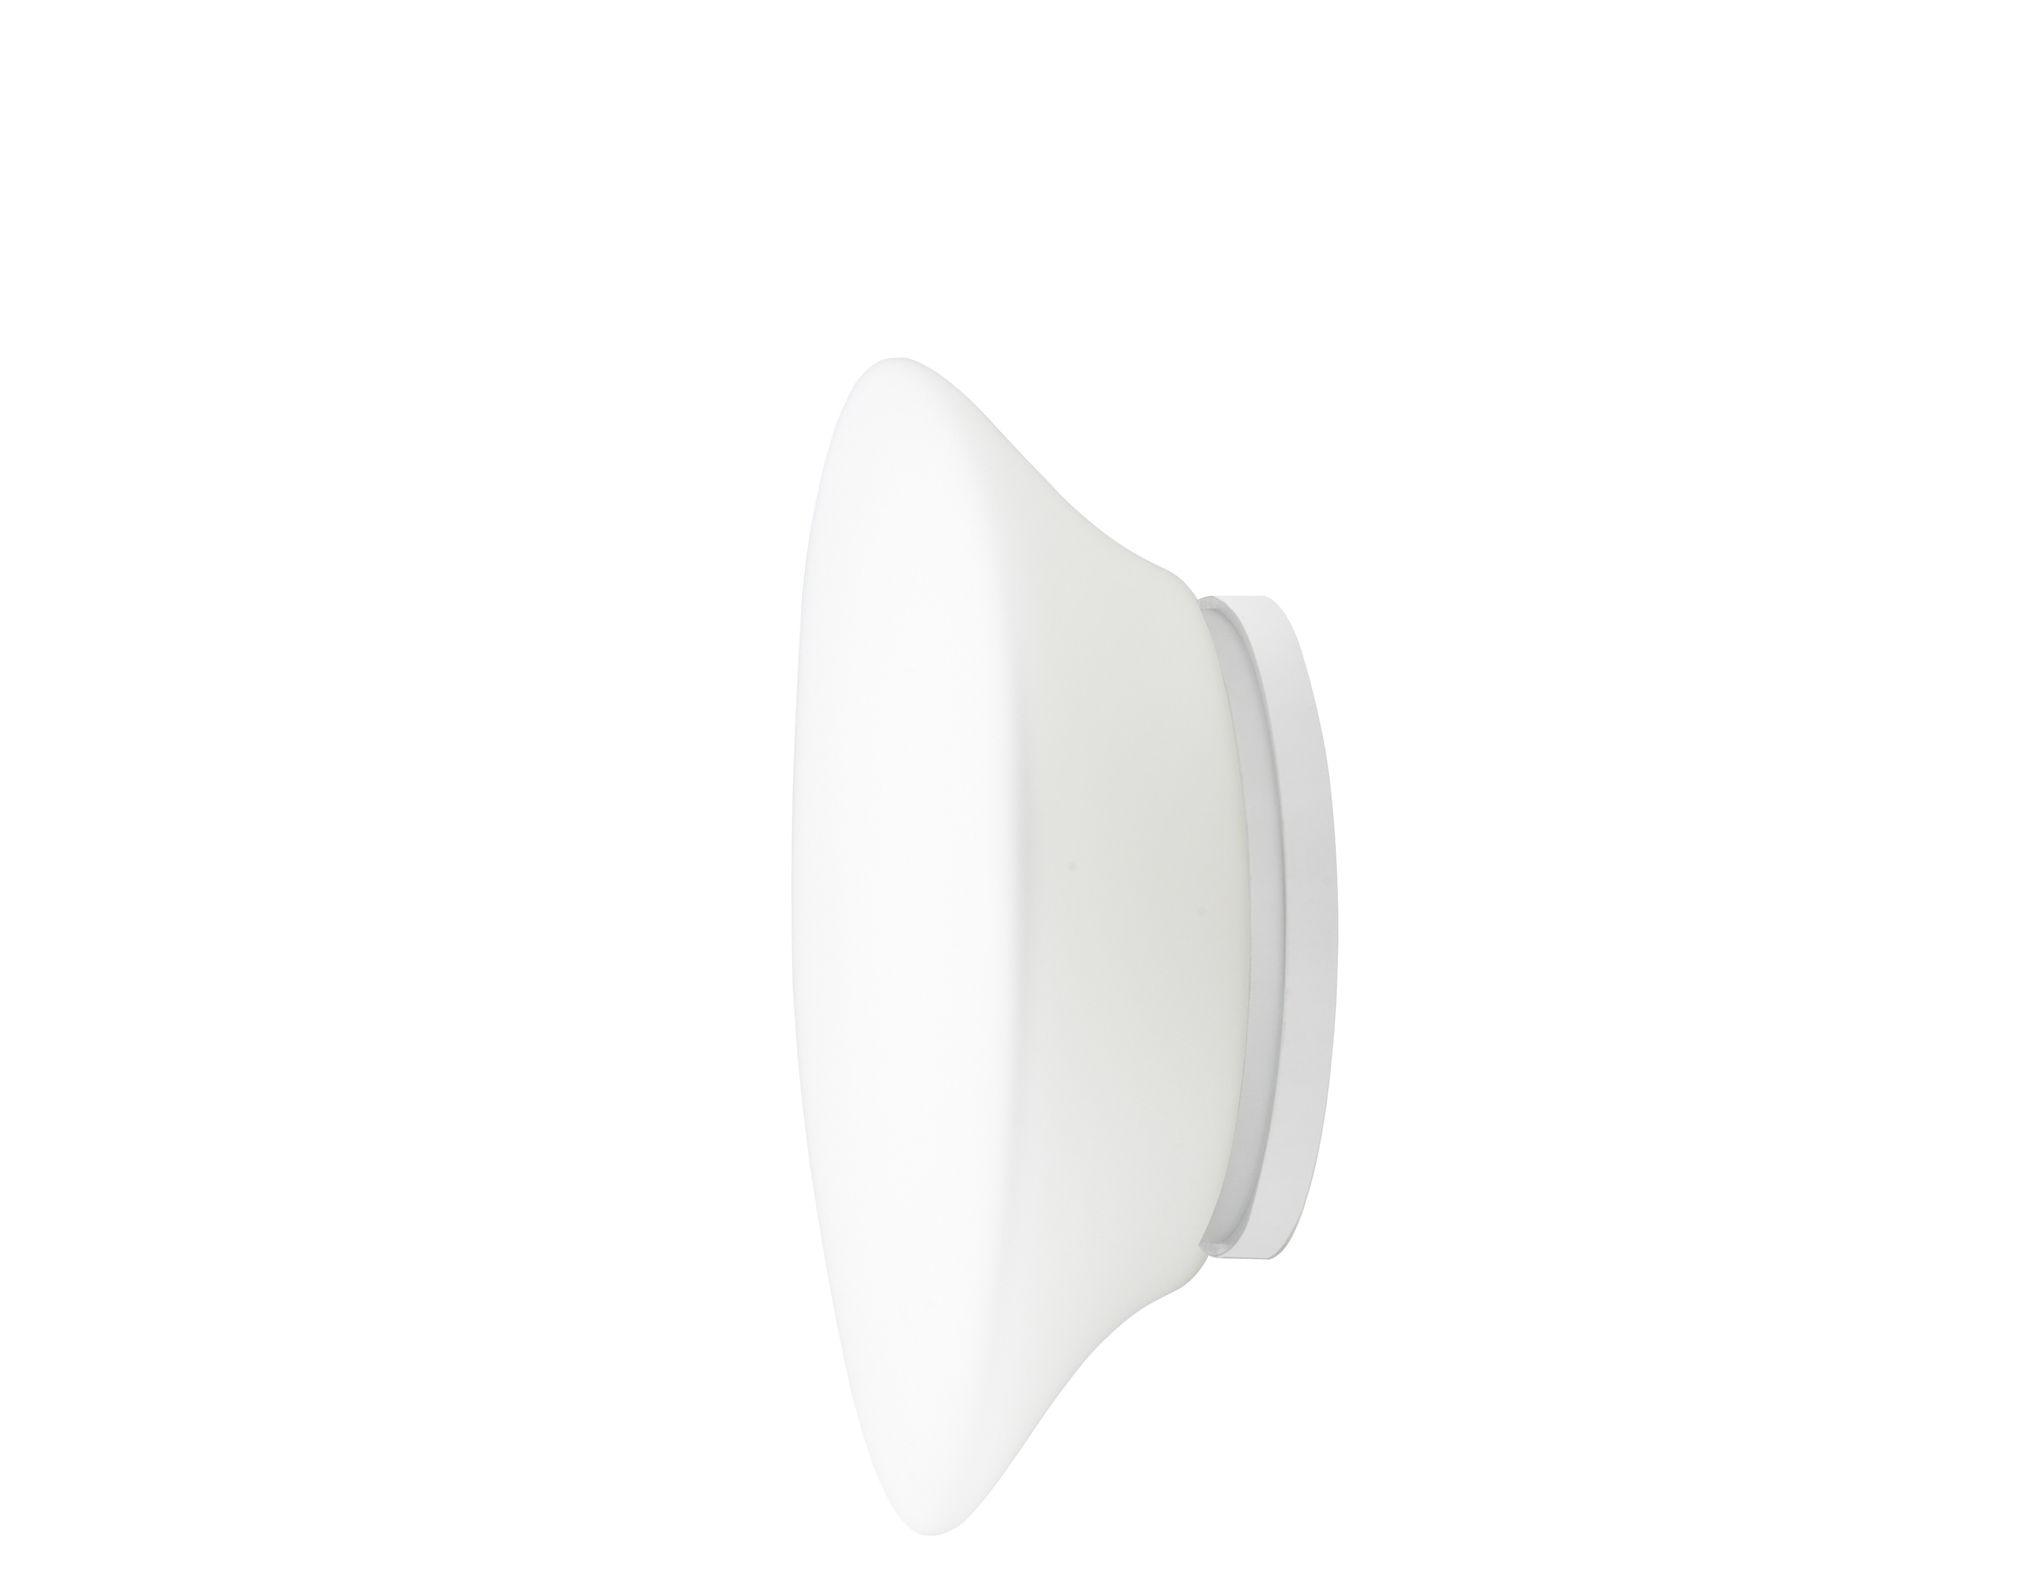 Luminaire - Appliques - Applique Mycena Ø 32 cm - Fabbian - Blanc - H 32 cm - Verre